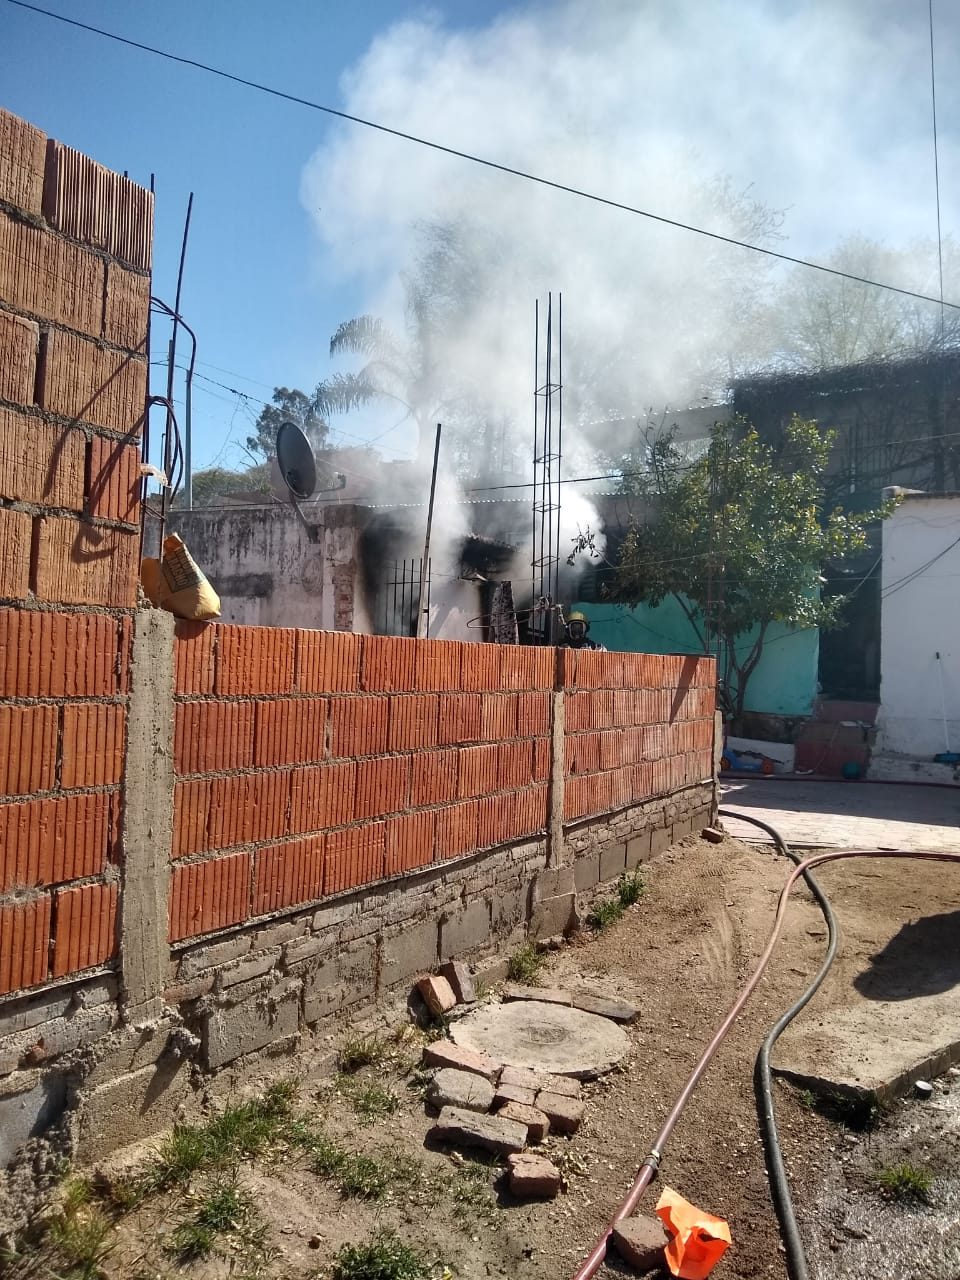 Incendio completo del dormitorio de una vivienda luego de un desperfecto eléctrico